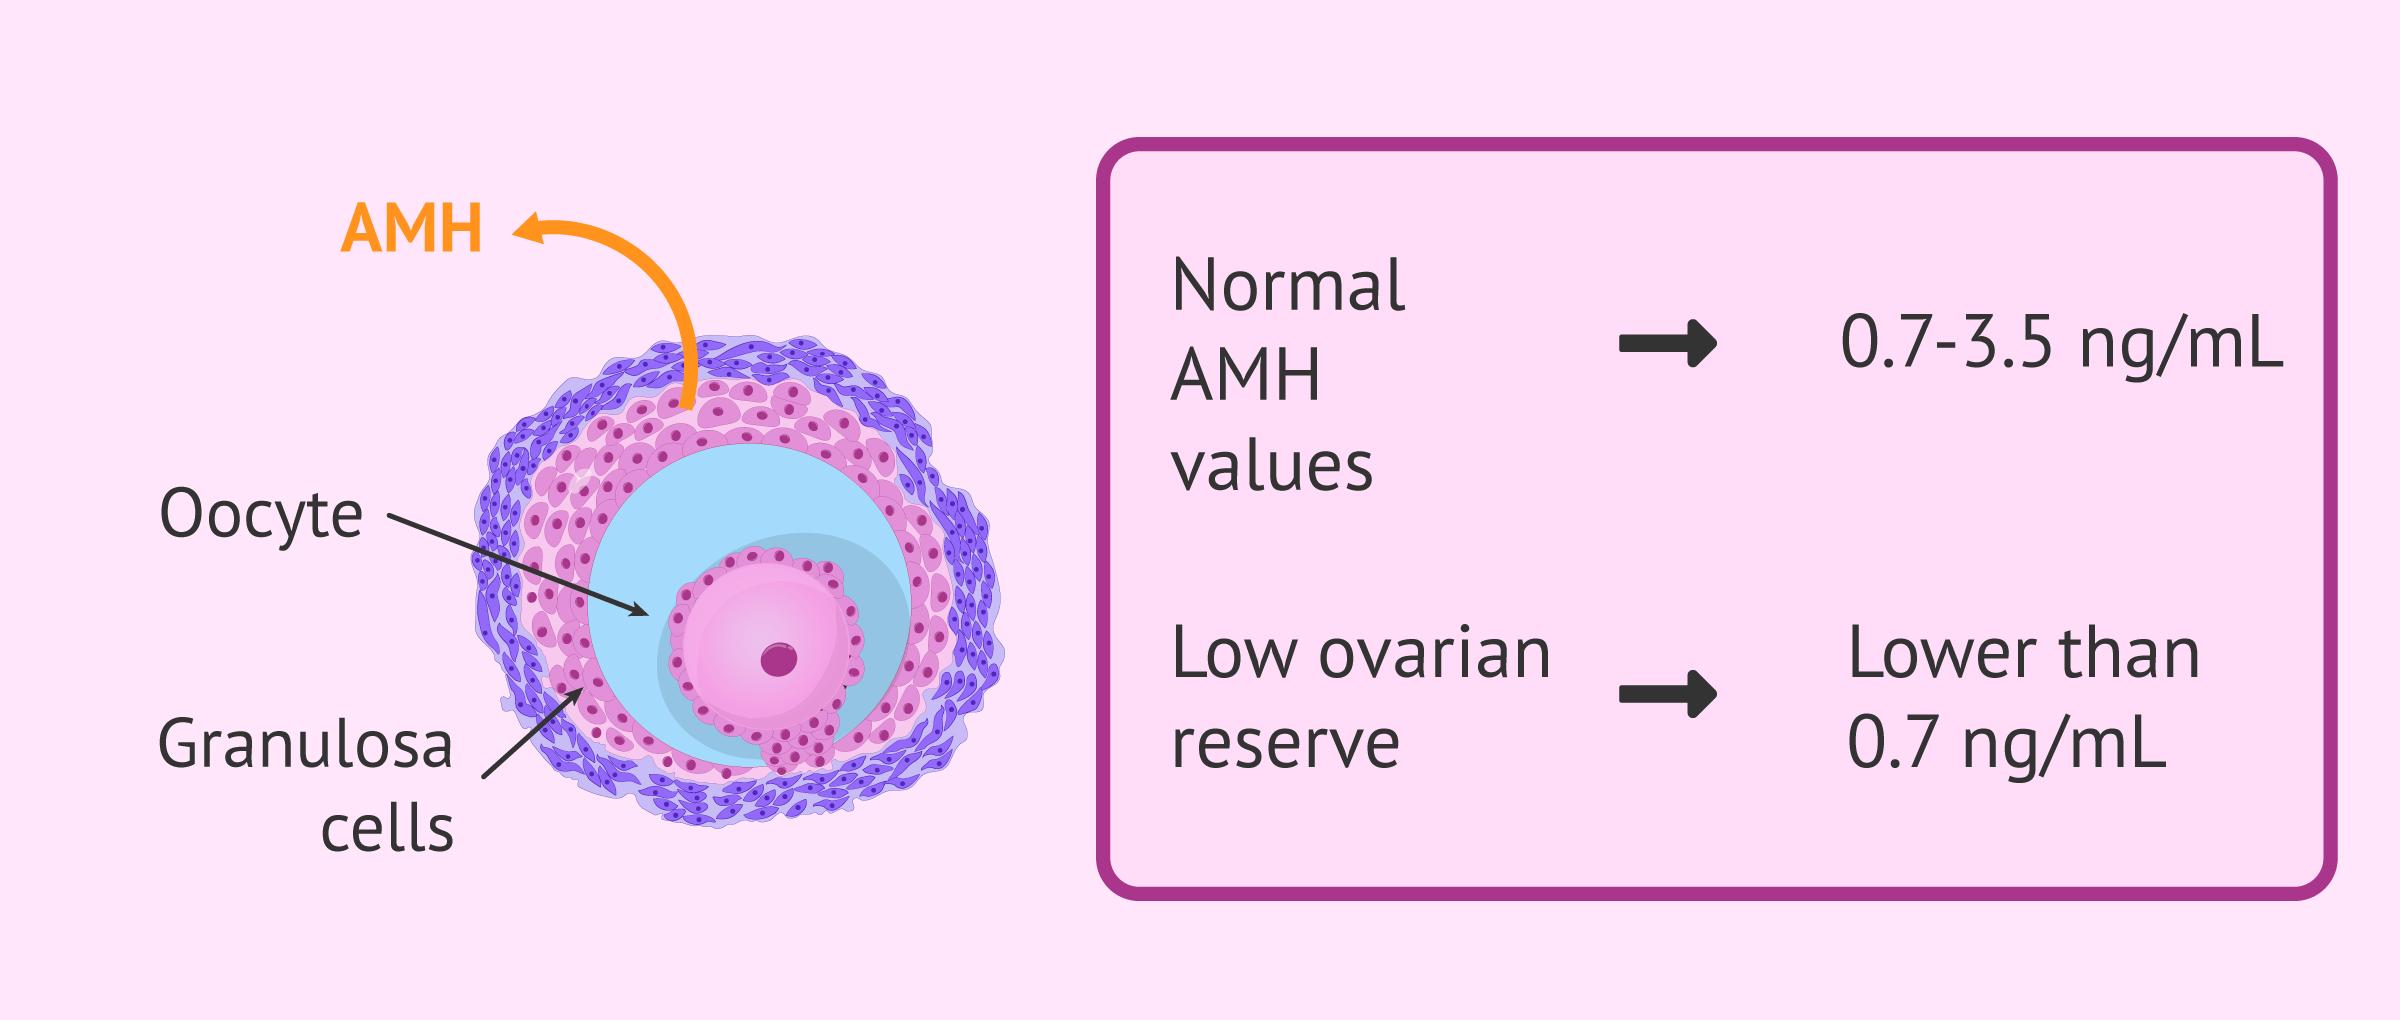 Anti-Mullerian Hormone (AMH) secretion